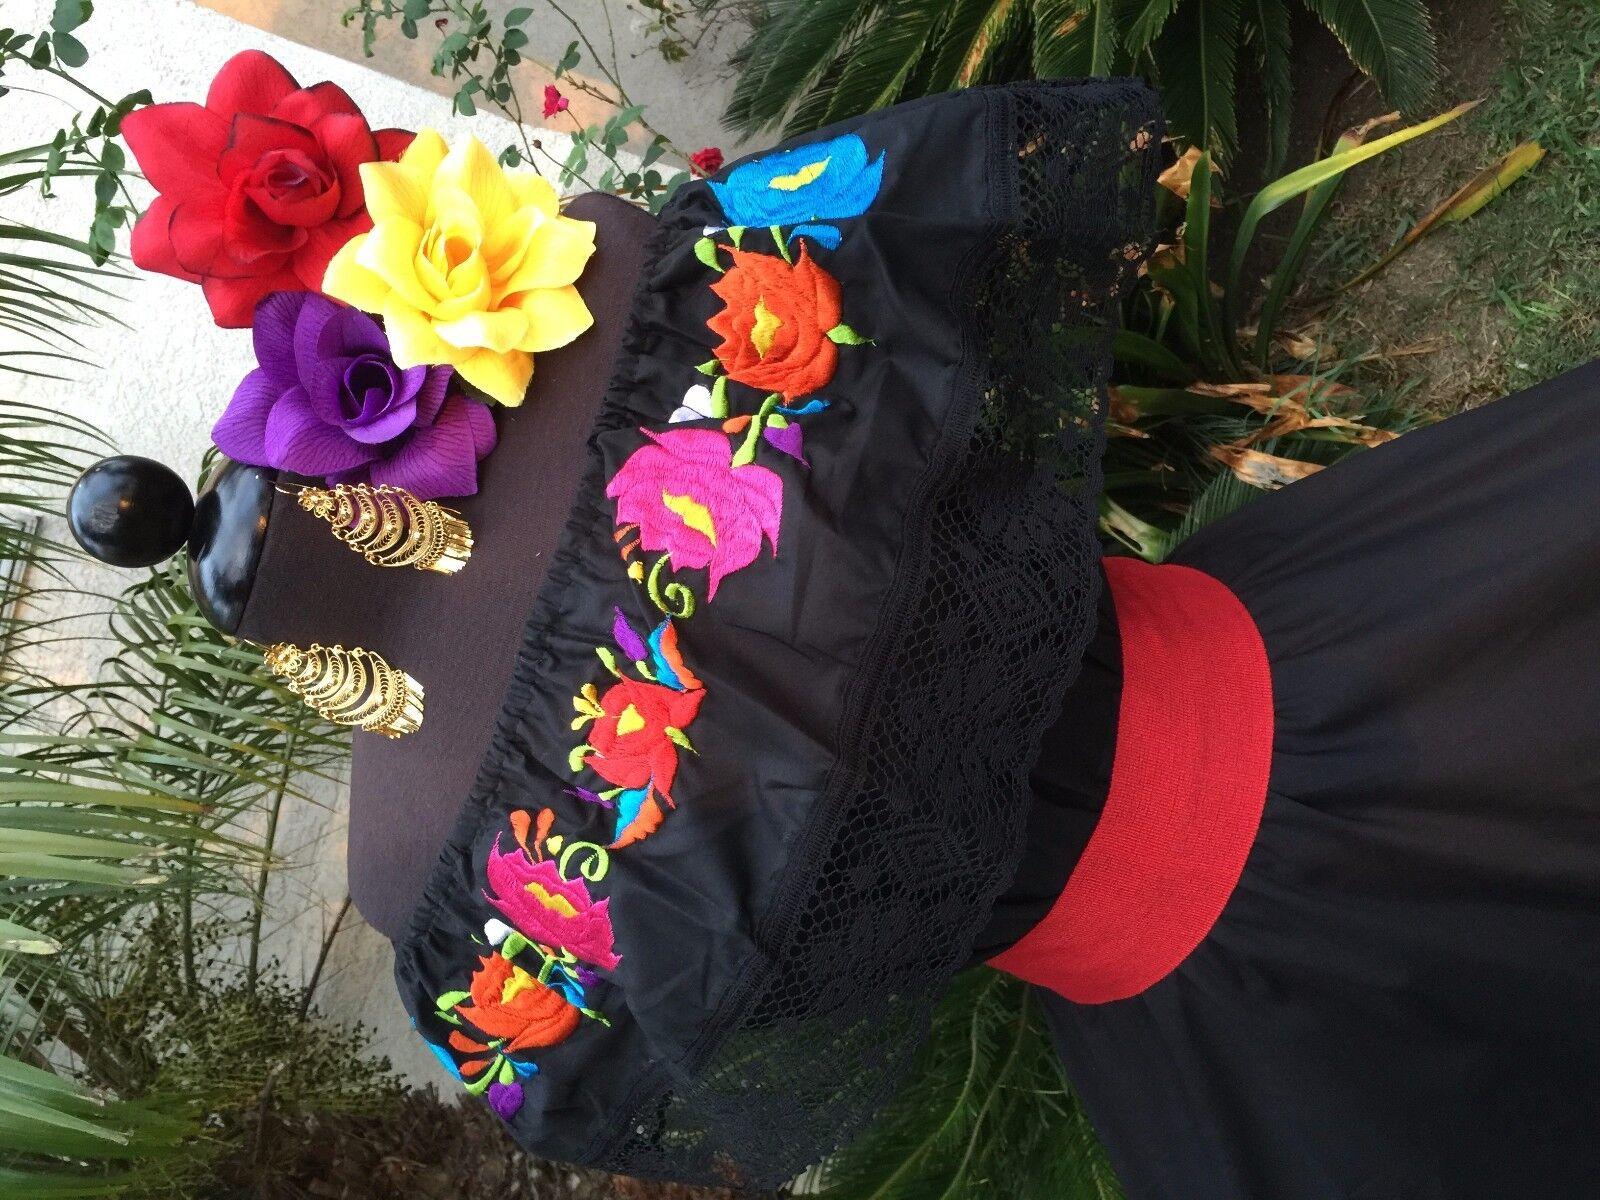 Vestido Fiesta Mexicana Odzież Damska Mexican Dress Fiesta5